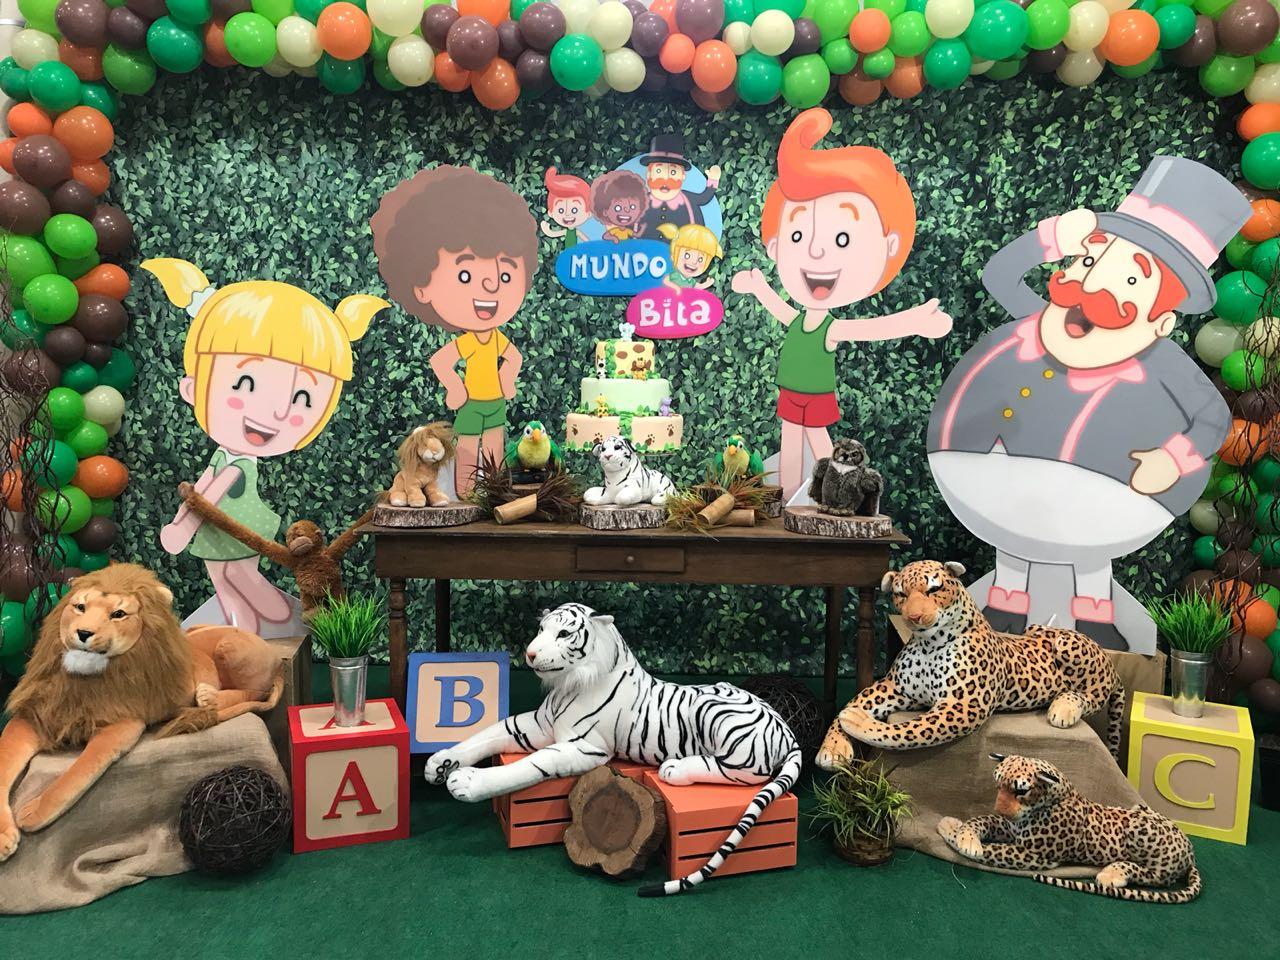 festa mundo bita E os Animais